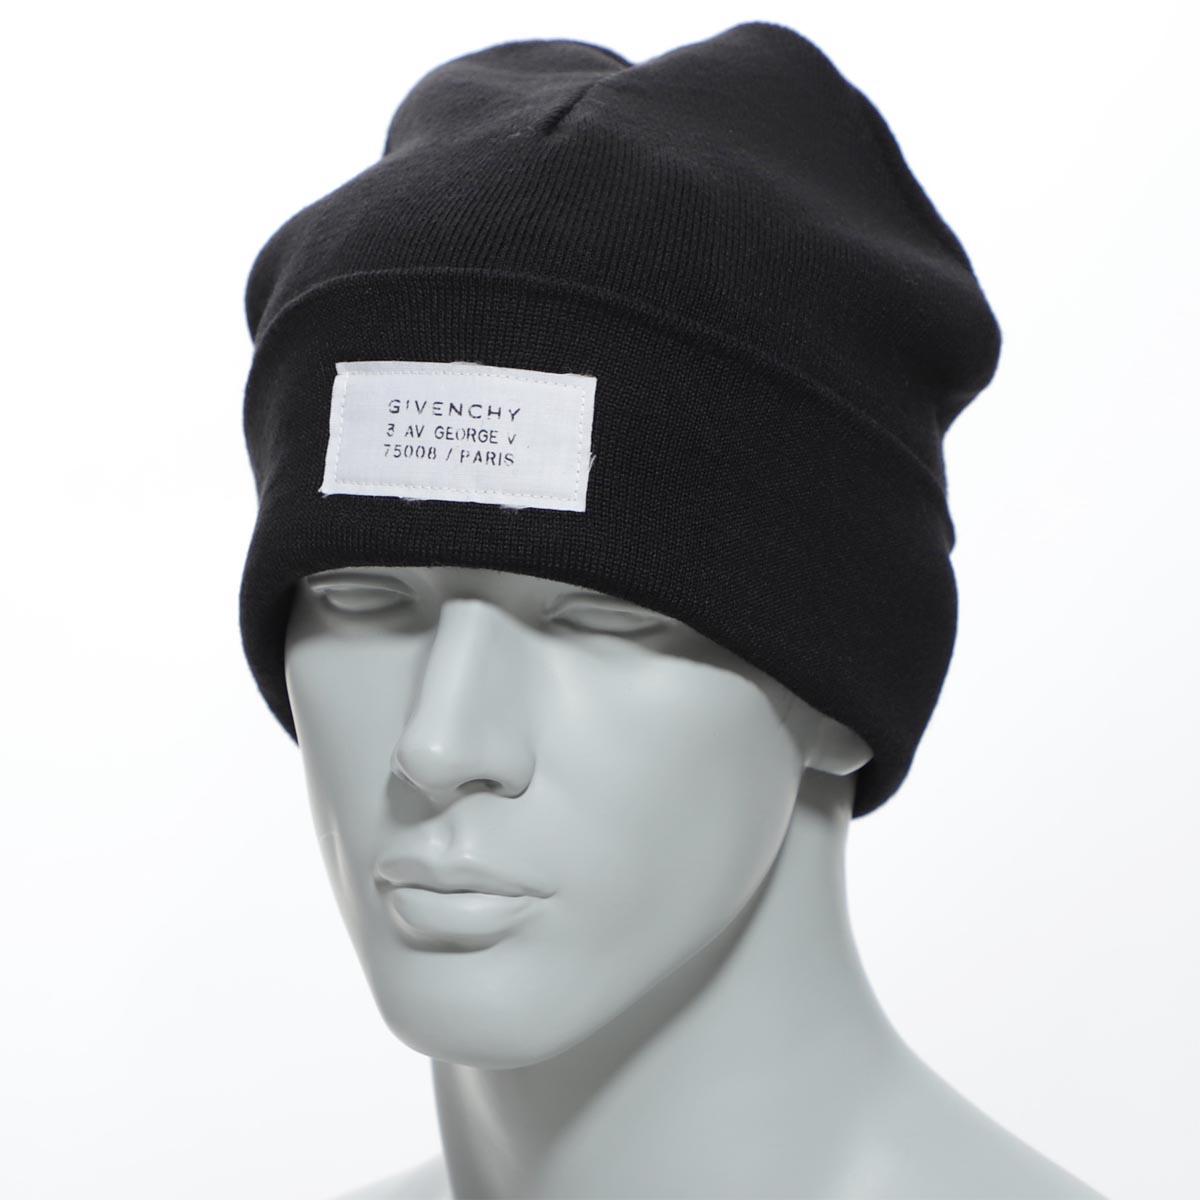 【アウトレット】ジバンシー GIVENCHY ニットキャップ ブラック メンズ ギフト プレゼント ニット 帽子 gvcapp u1598 1【あす楽対応_関東】【返品送料無料】【ラッピング無料】[outnew]